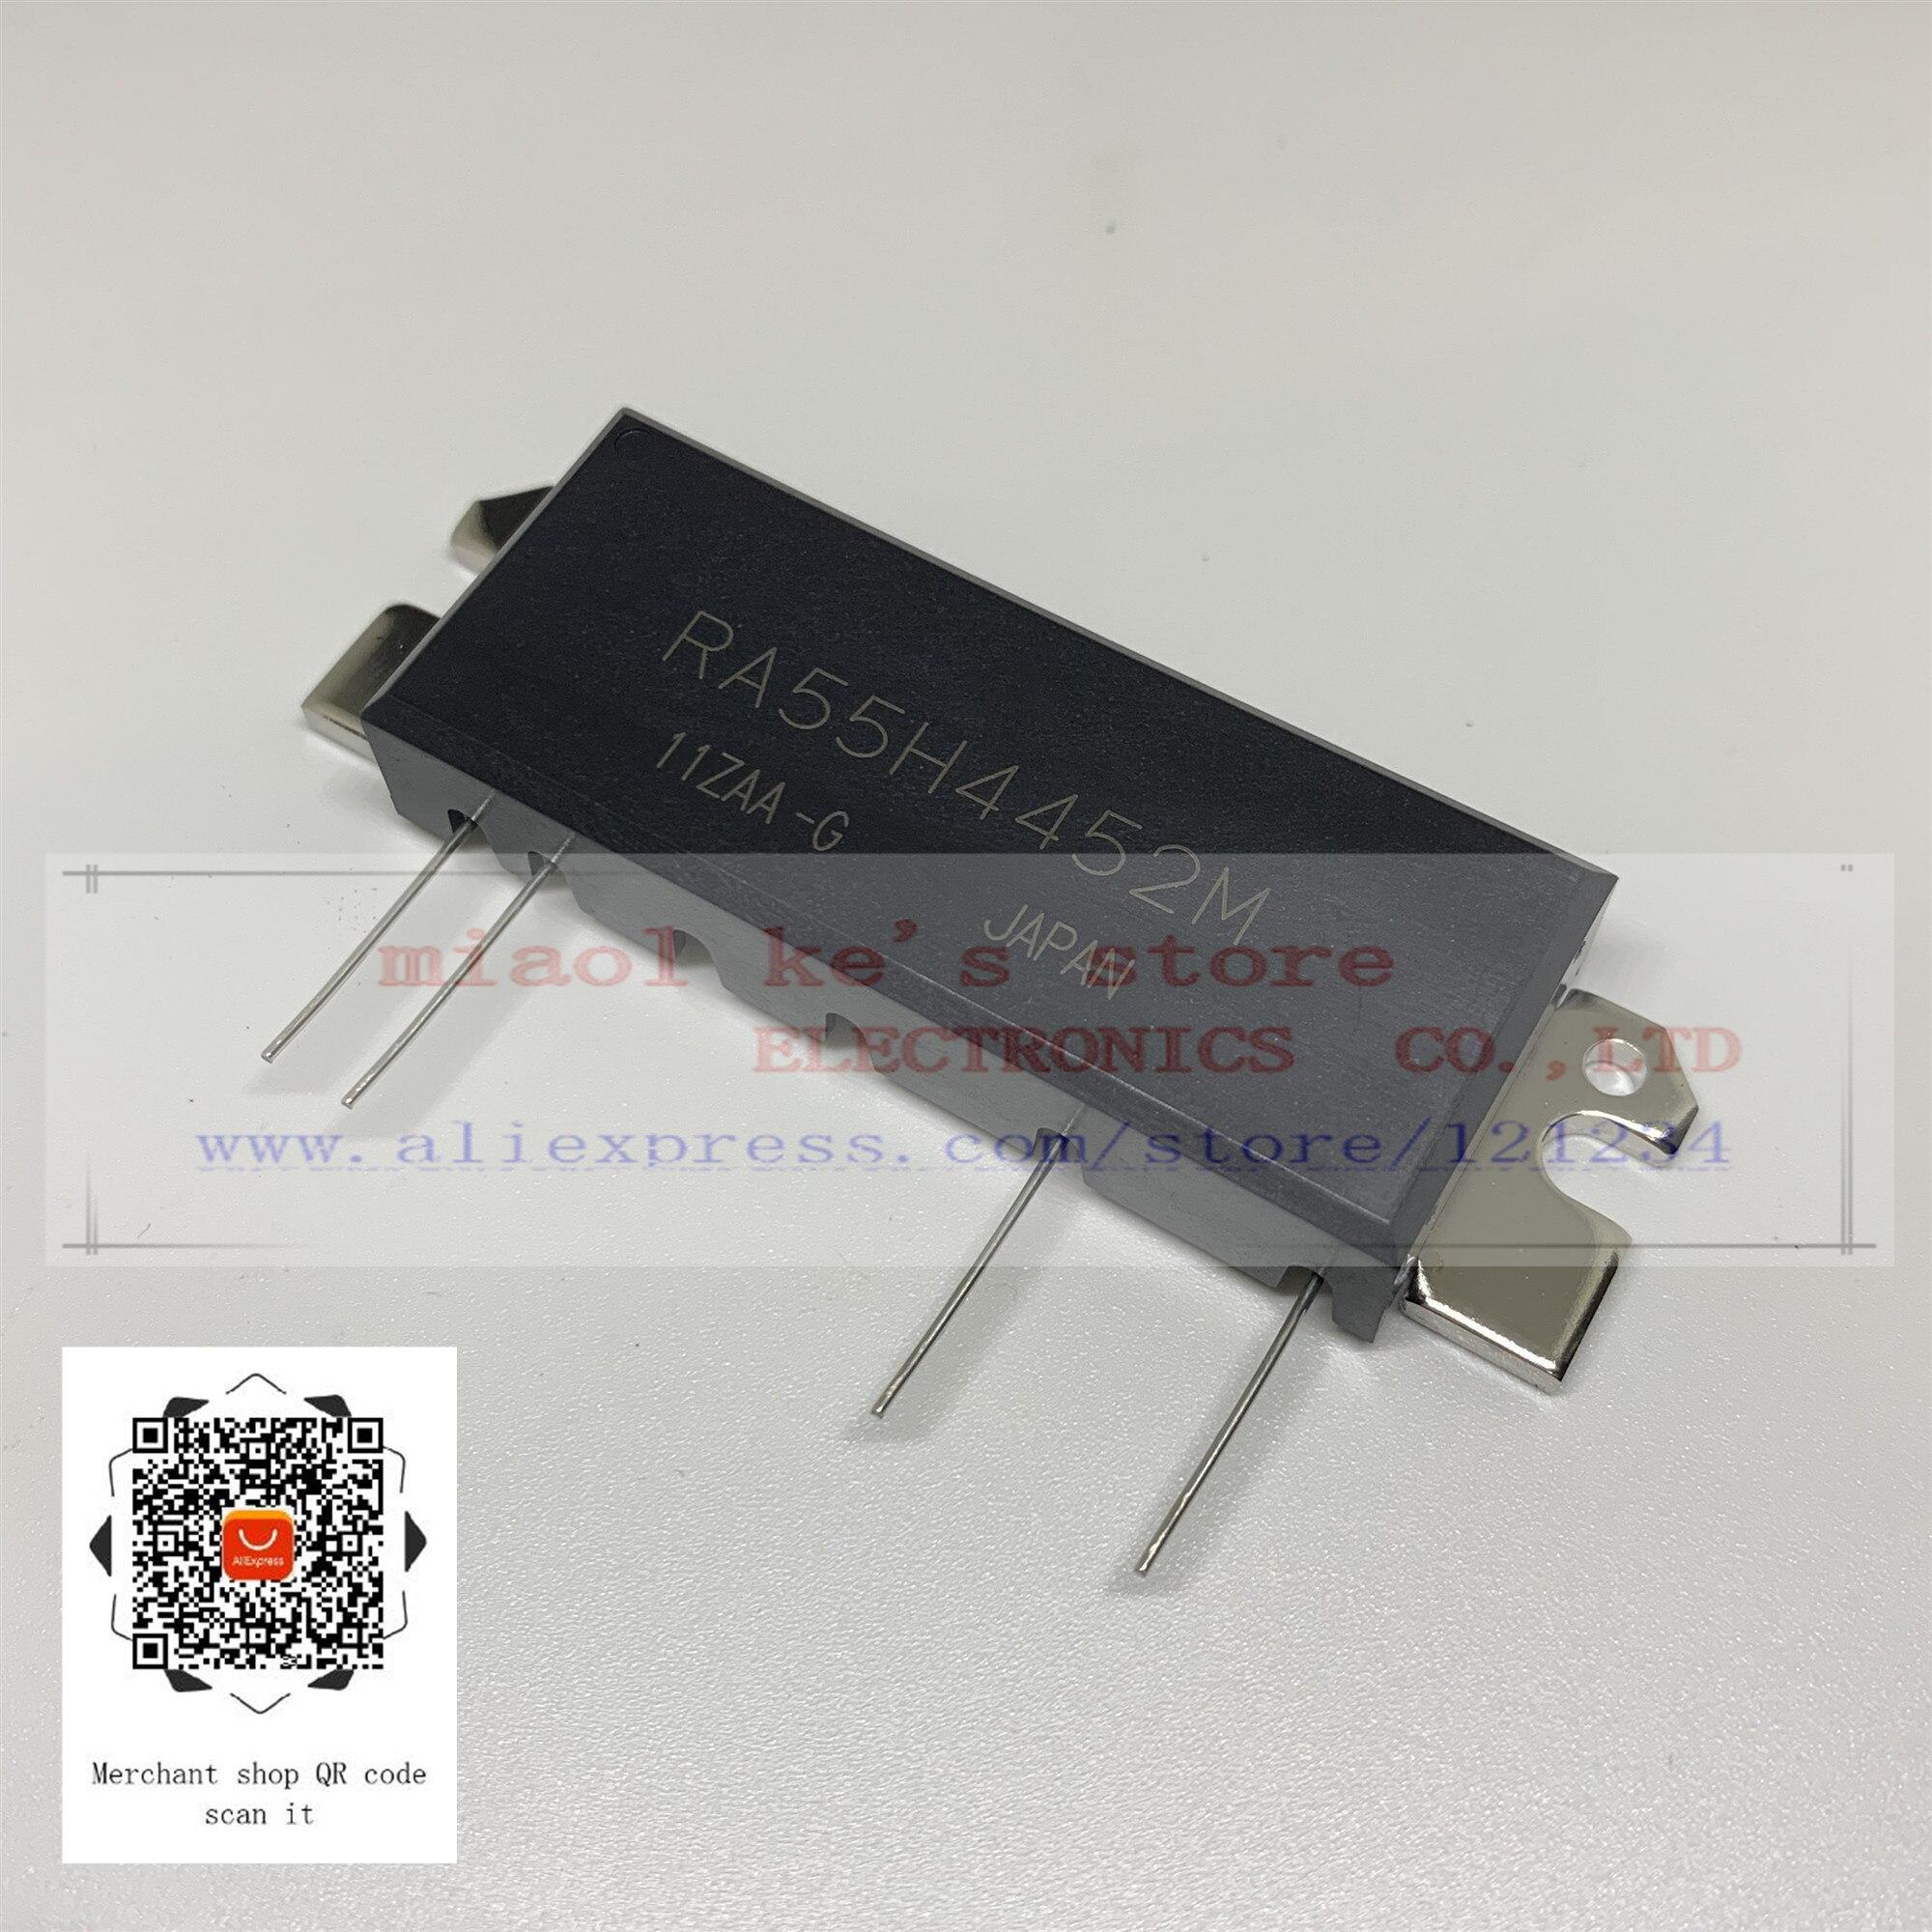 100% nouveau original RA55H4452M RA55H4452M-101-MODULE MOSFET RF 440-520MHz 55W 12.5 V, ampli à 3 étages. Pour RADIO MOBILE